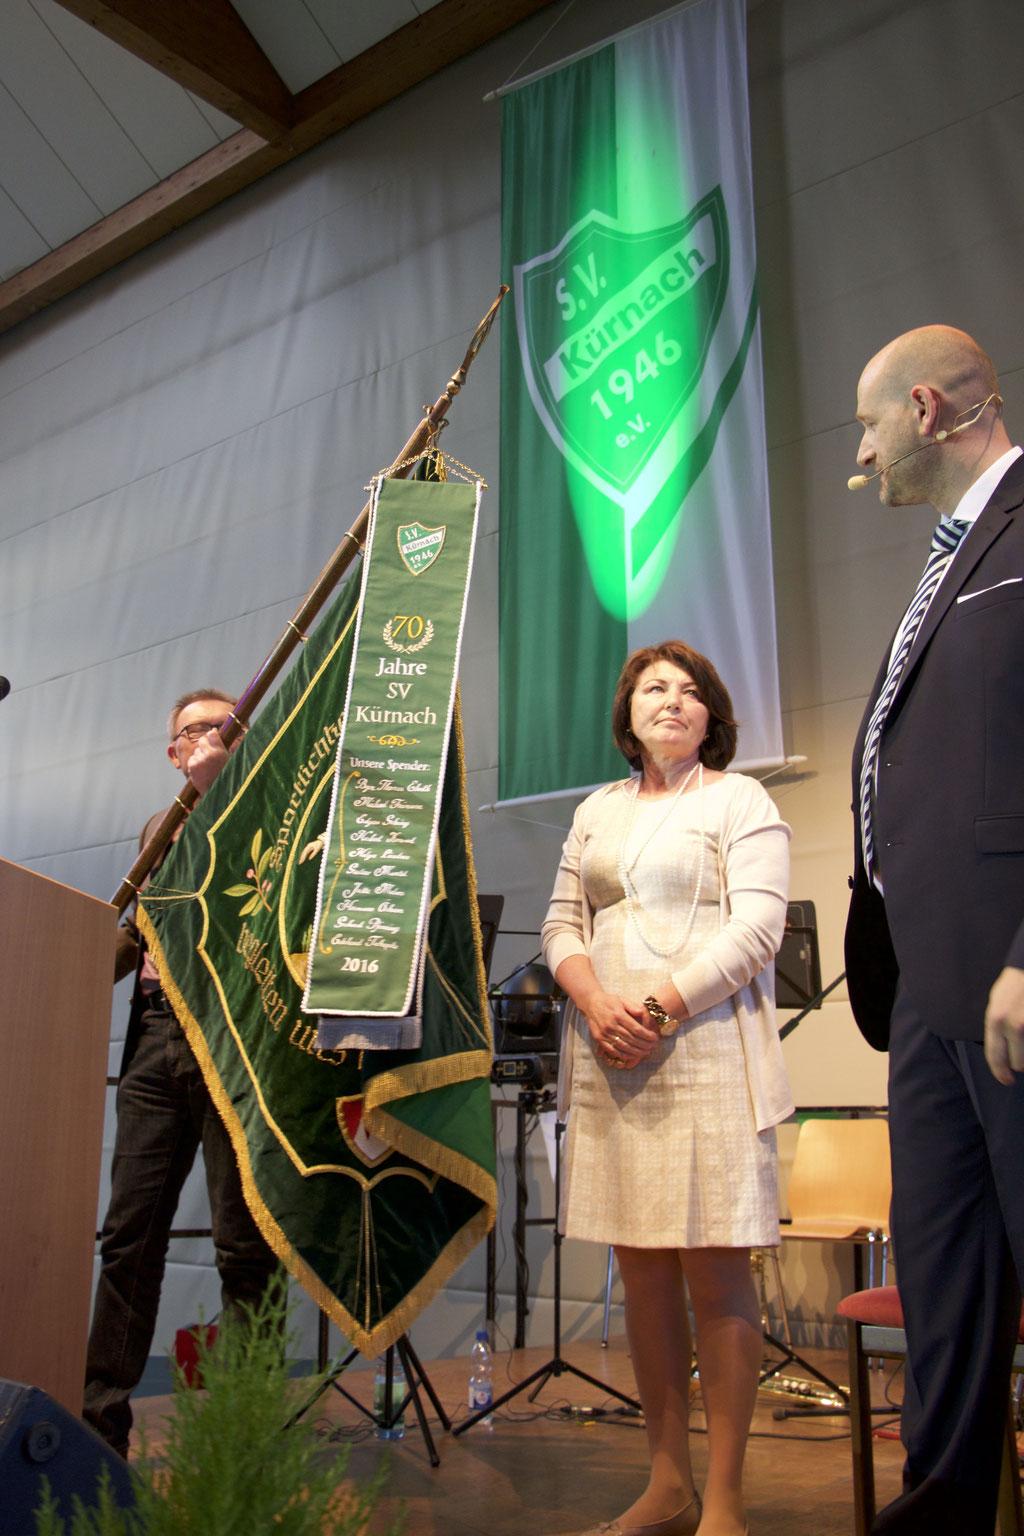 Frau Helga Ländner und Stefan Reichwein bei der Einweihung des Fahnenbandes Foto: Matthias Demel